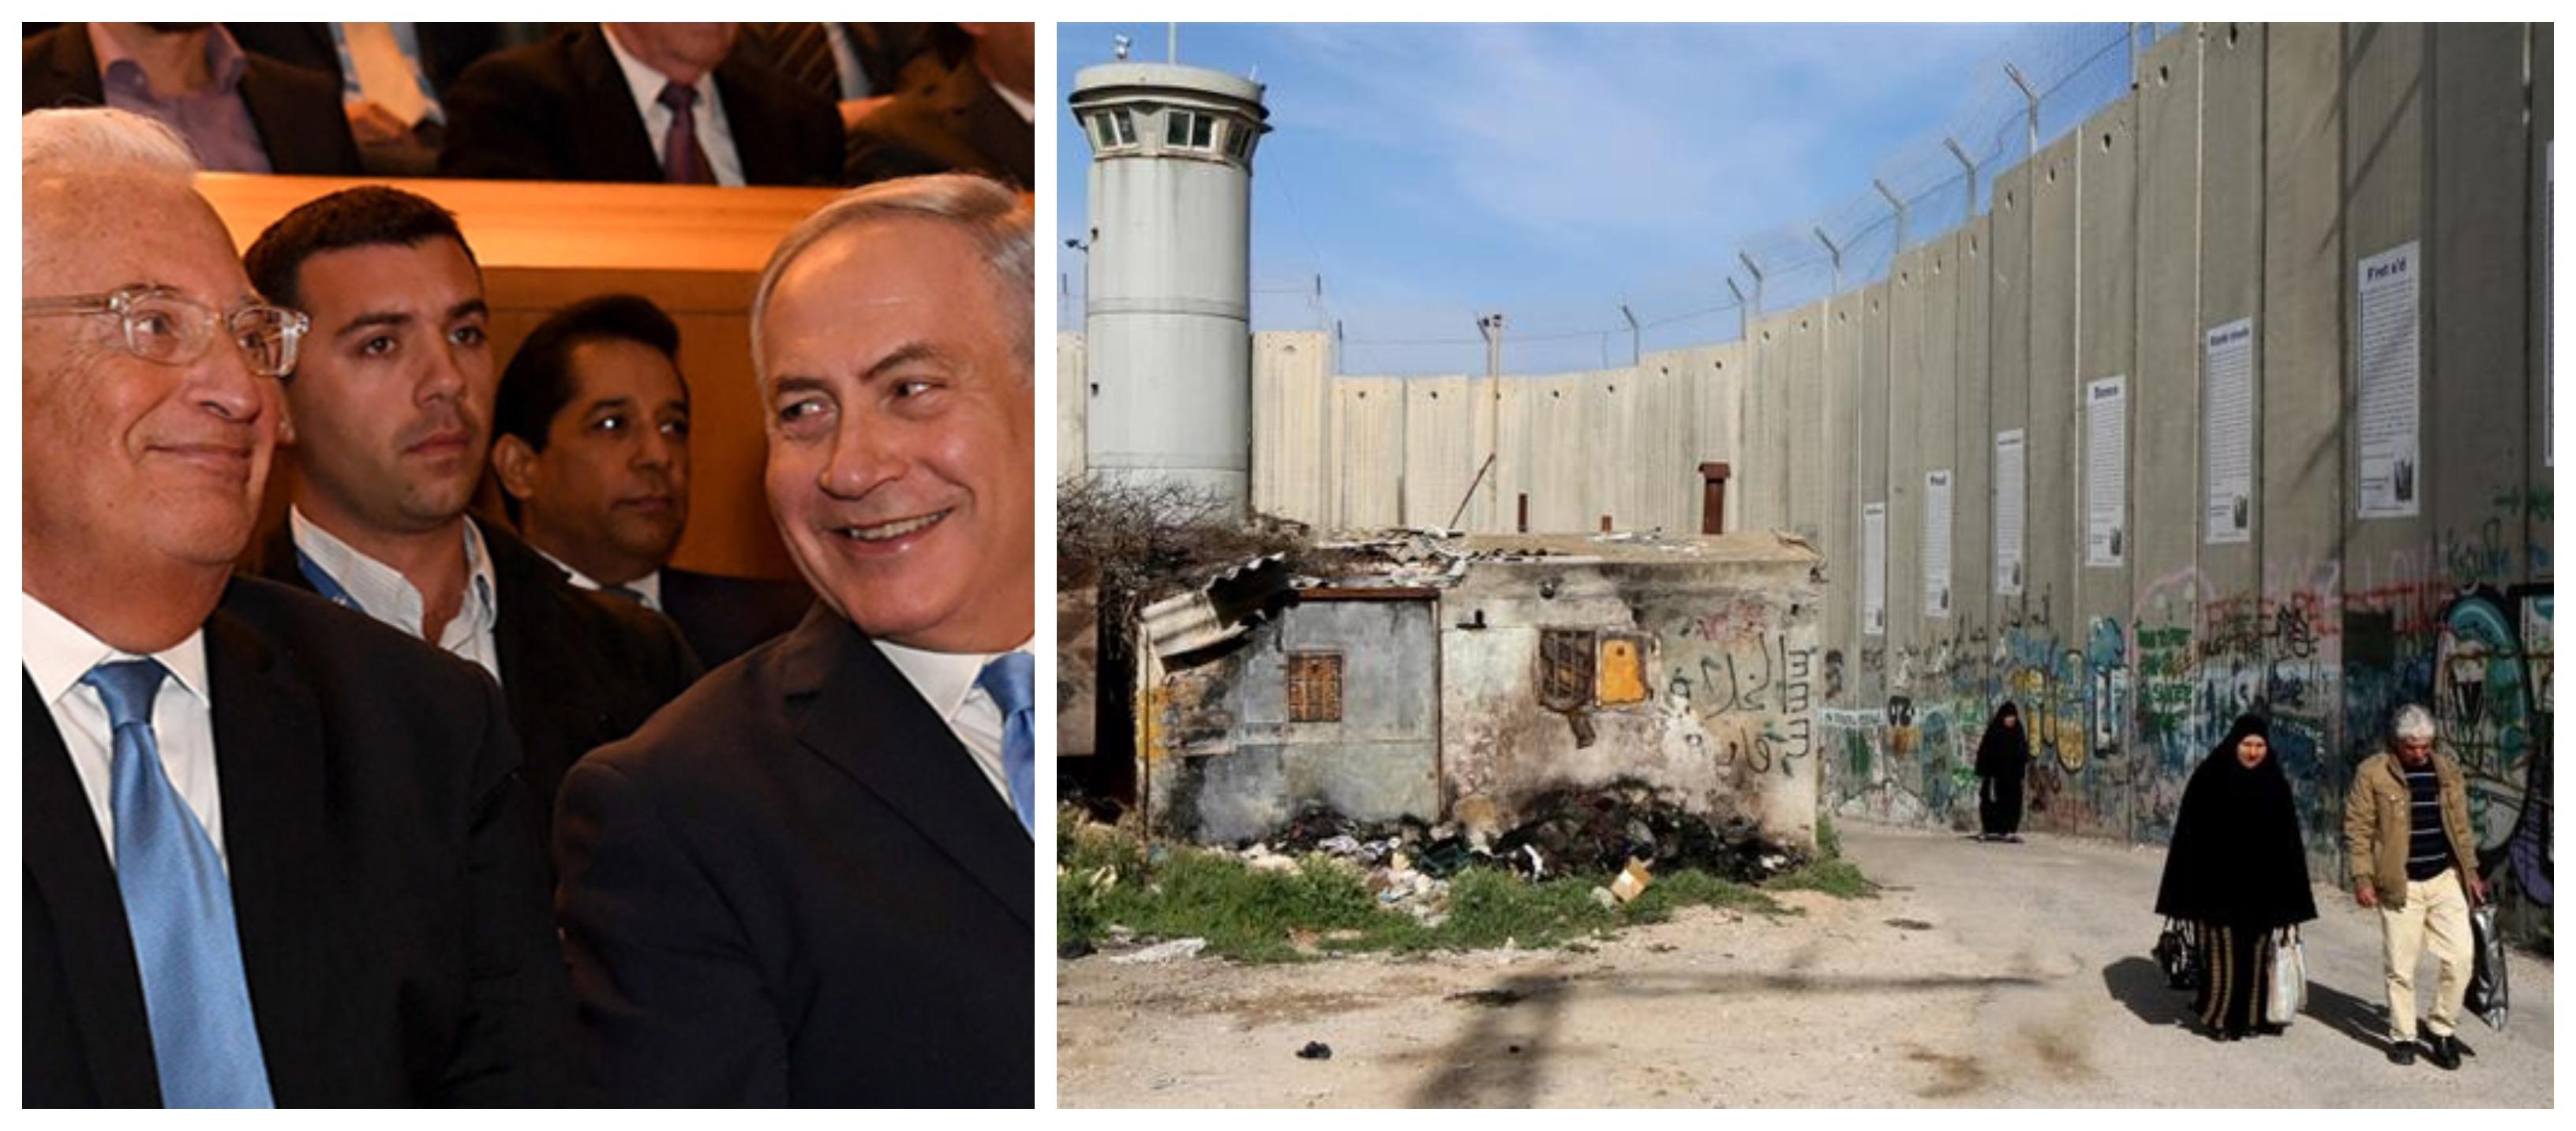 Palestinos condenam fala de embaixador dos EUA em Israel: Despreza resoluções da ONU e incita violência